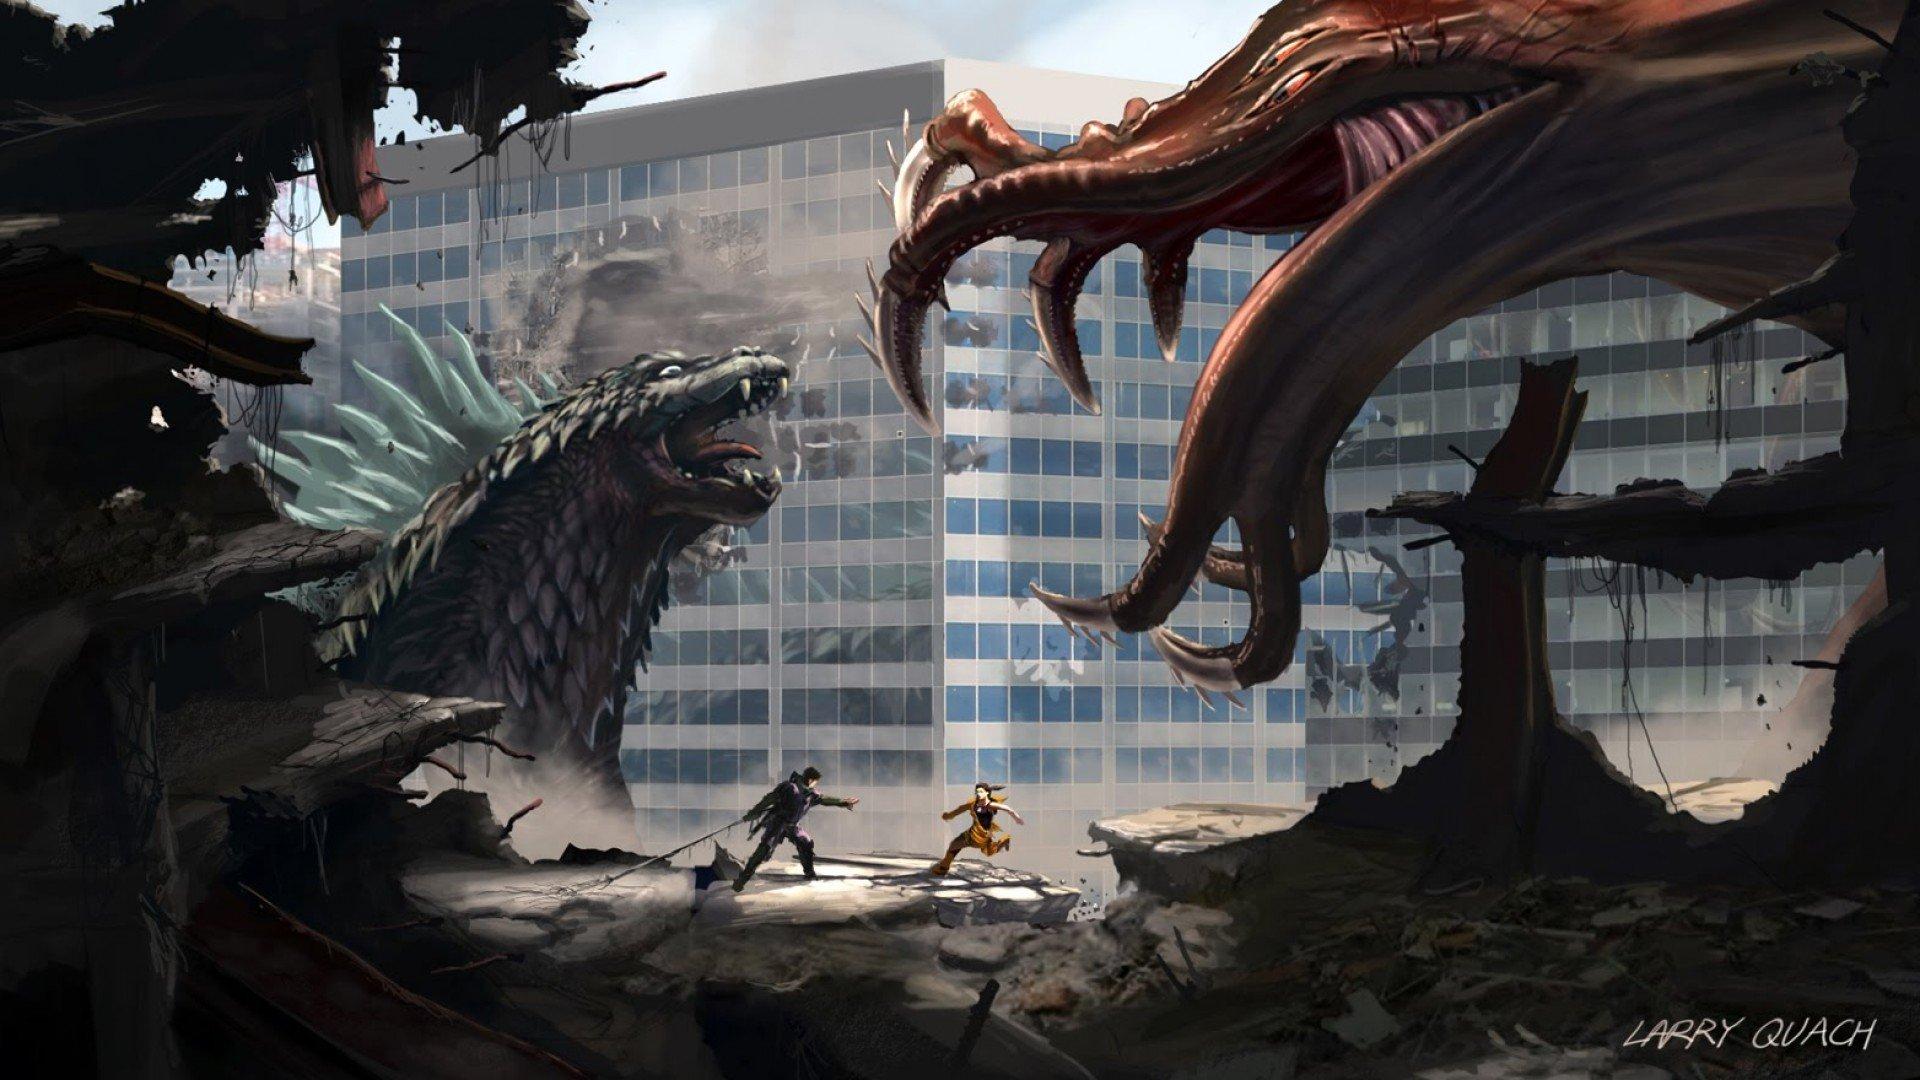 wallpaper godzilla monster dinosaur - photo #6